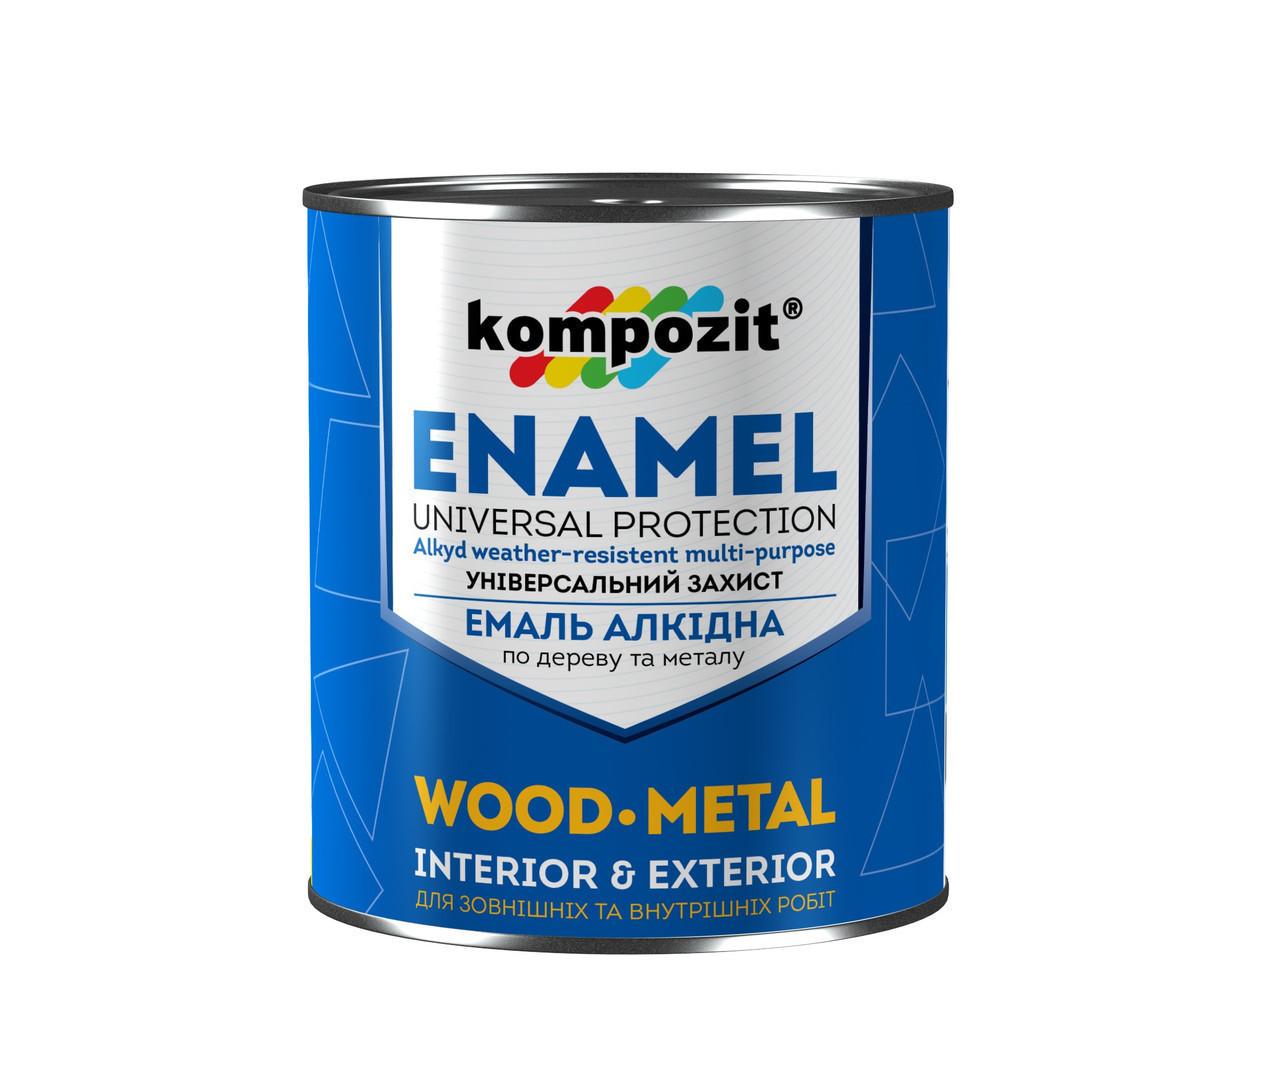 Емаль алкідна по дереву і металу Kompozit Enamel 0.9 кг Шоколадний